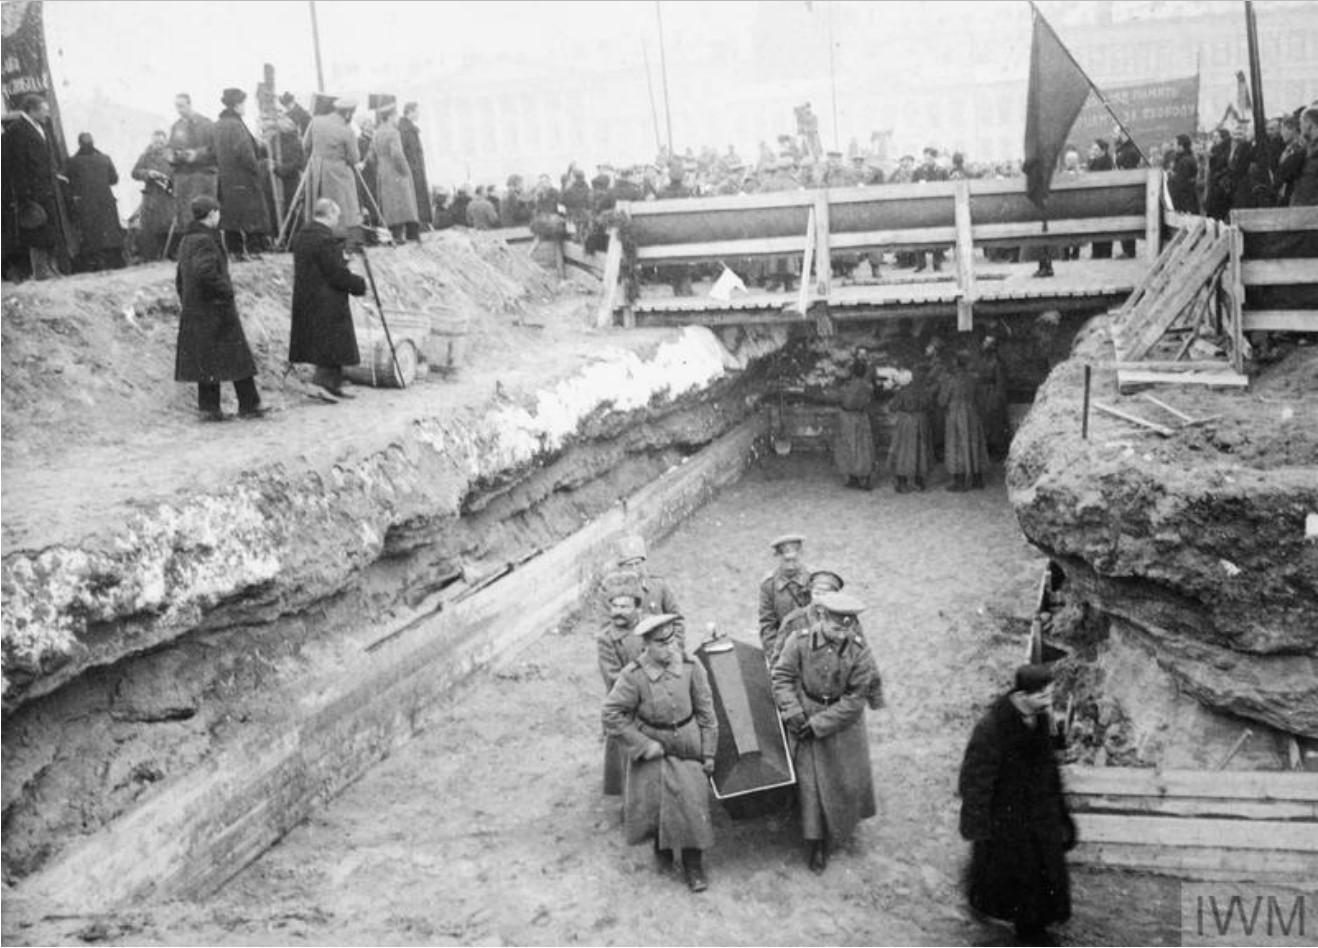 Похороны жертв Февральской революции. Гробы революционеров, погибших в боях в Царском Селе, доставляются для захоронения в Петроград